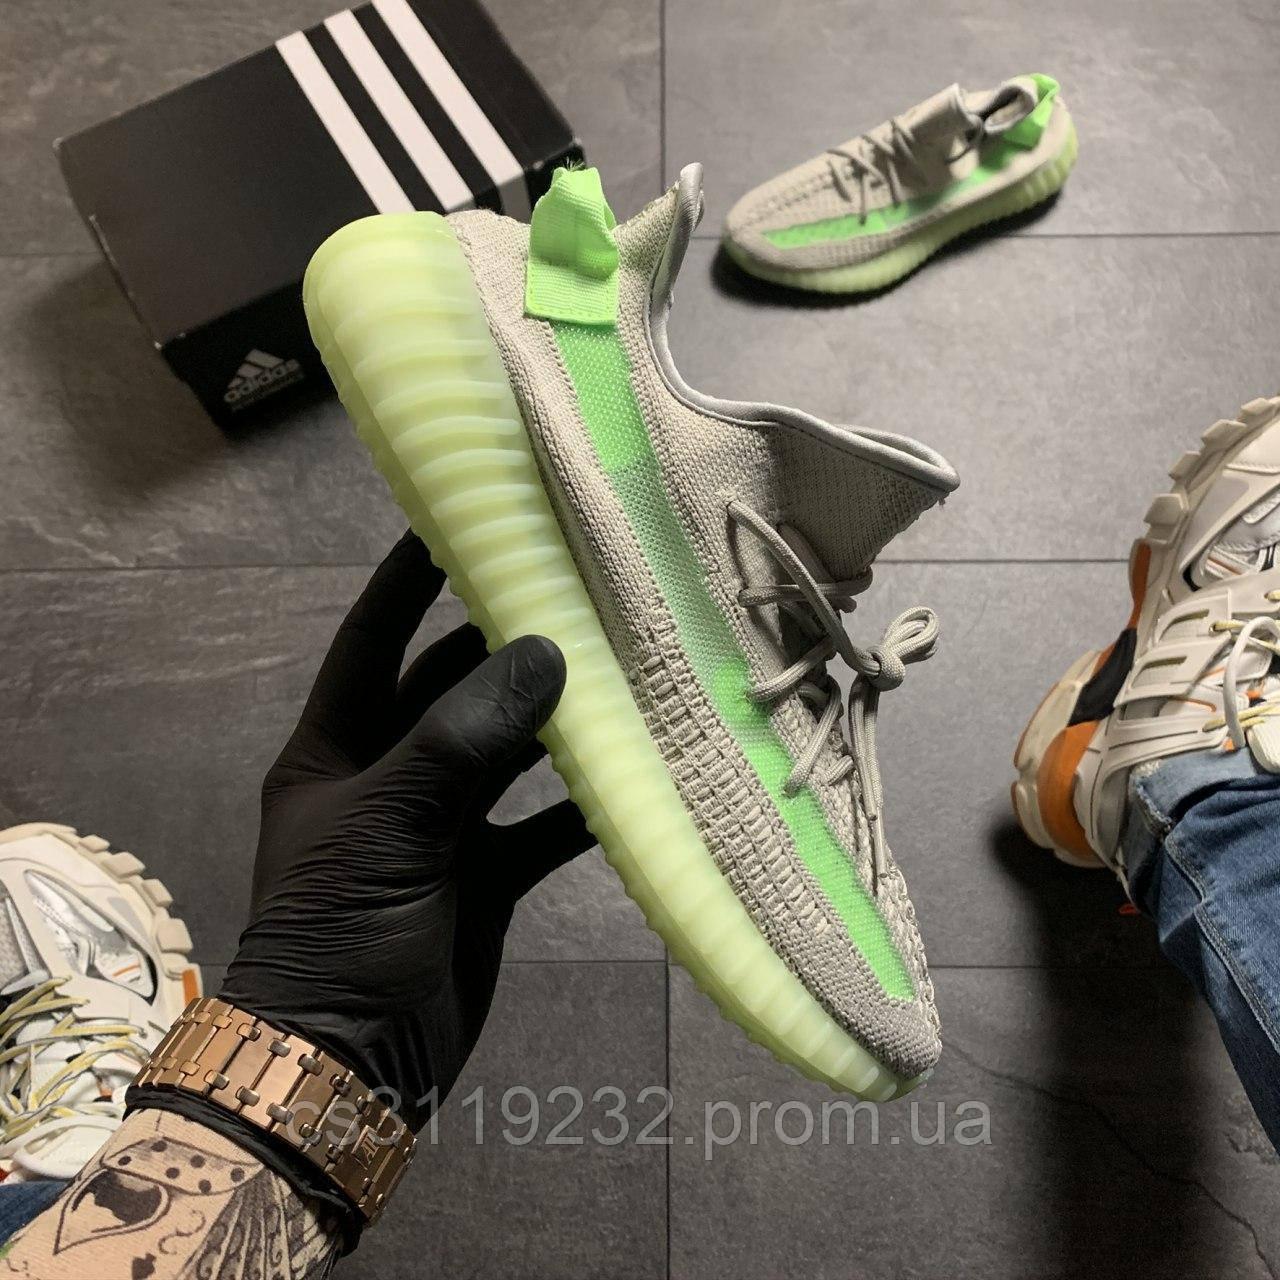 Женские кроссовки Adidas Yeezy Boost 350 v2 Grey Green (серо-зелёные)